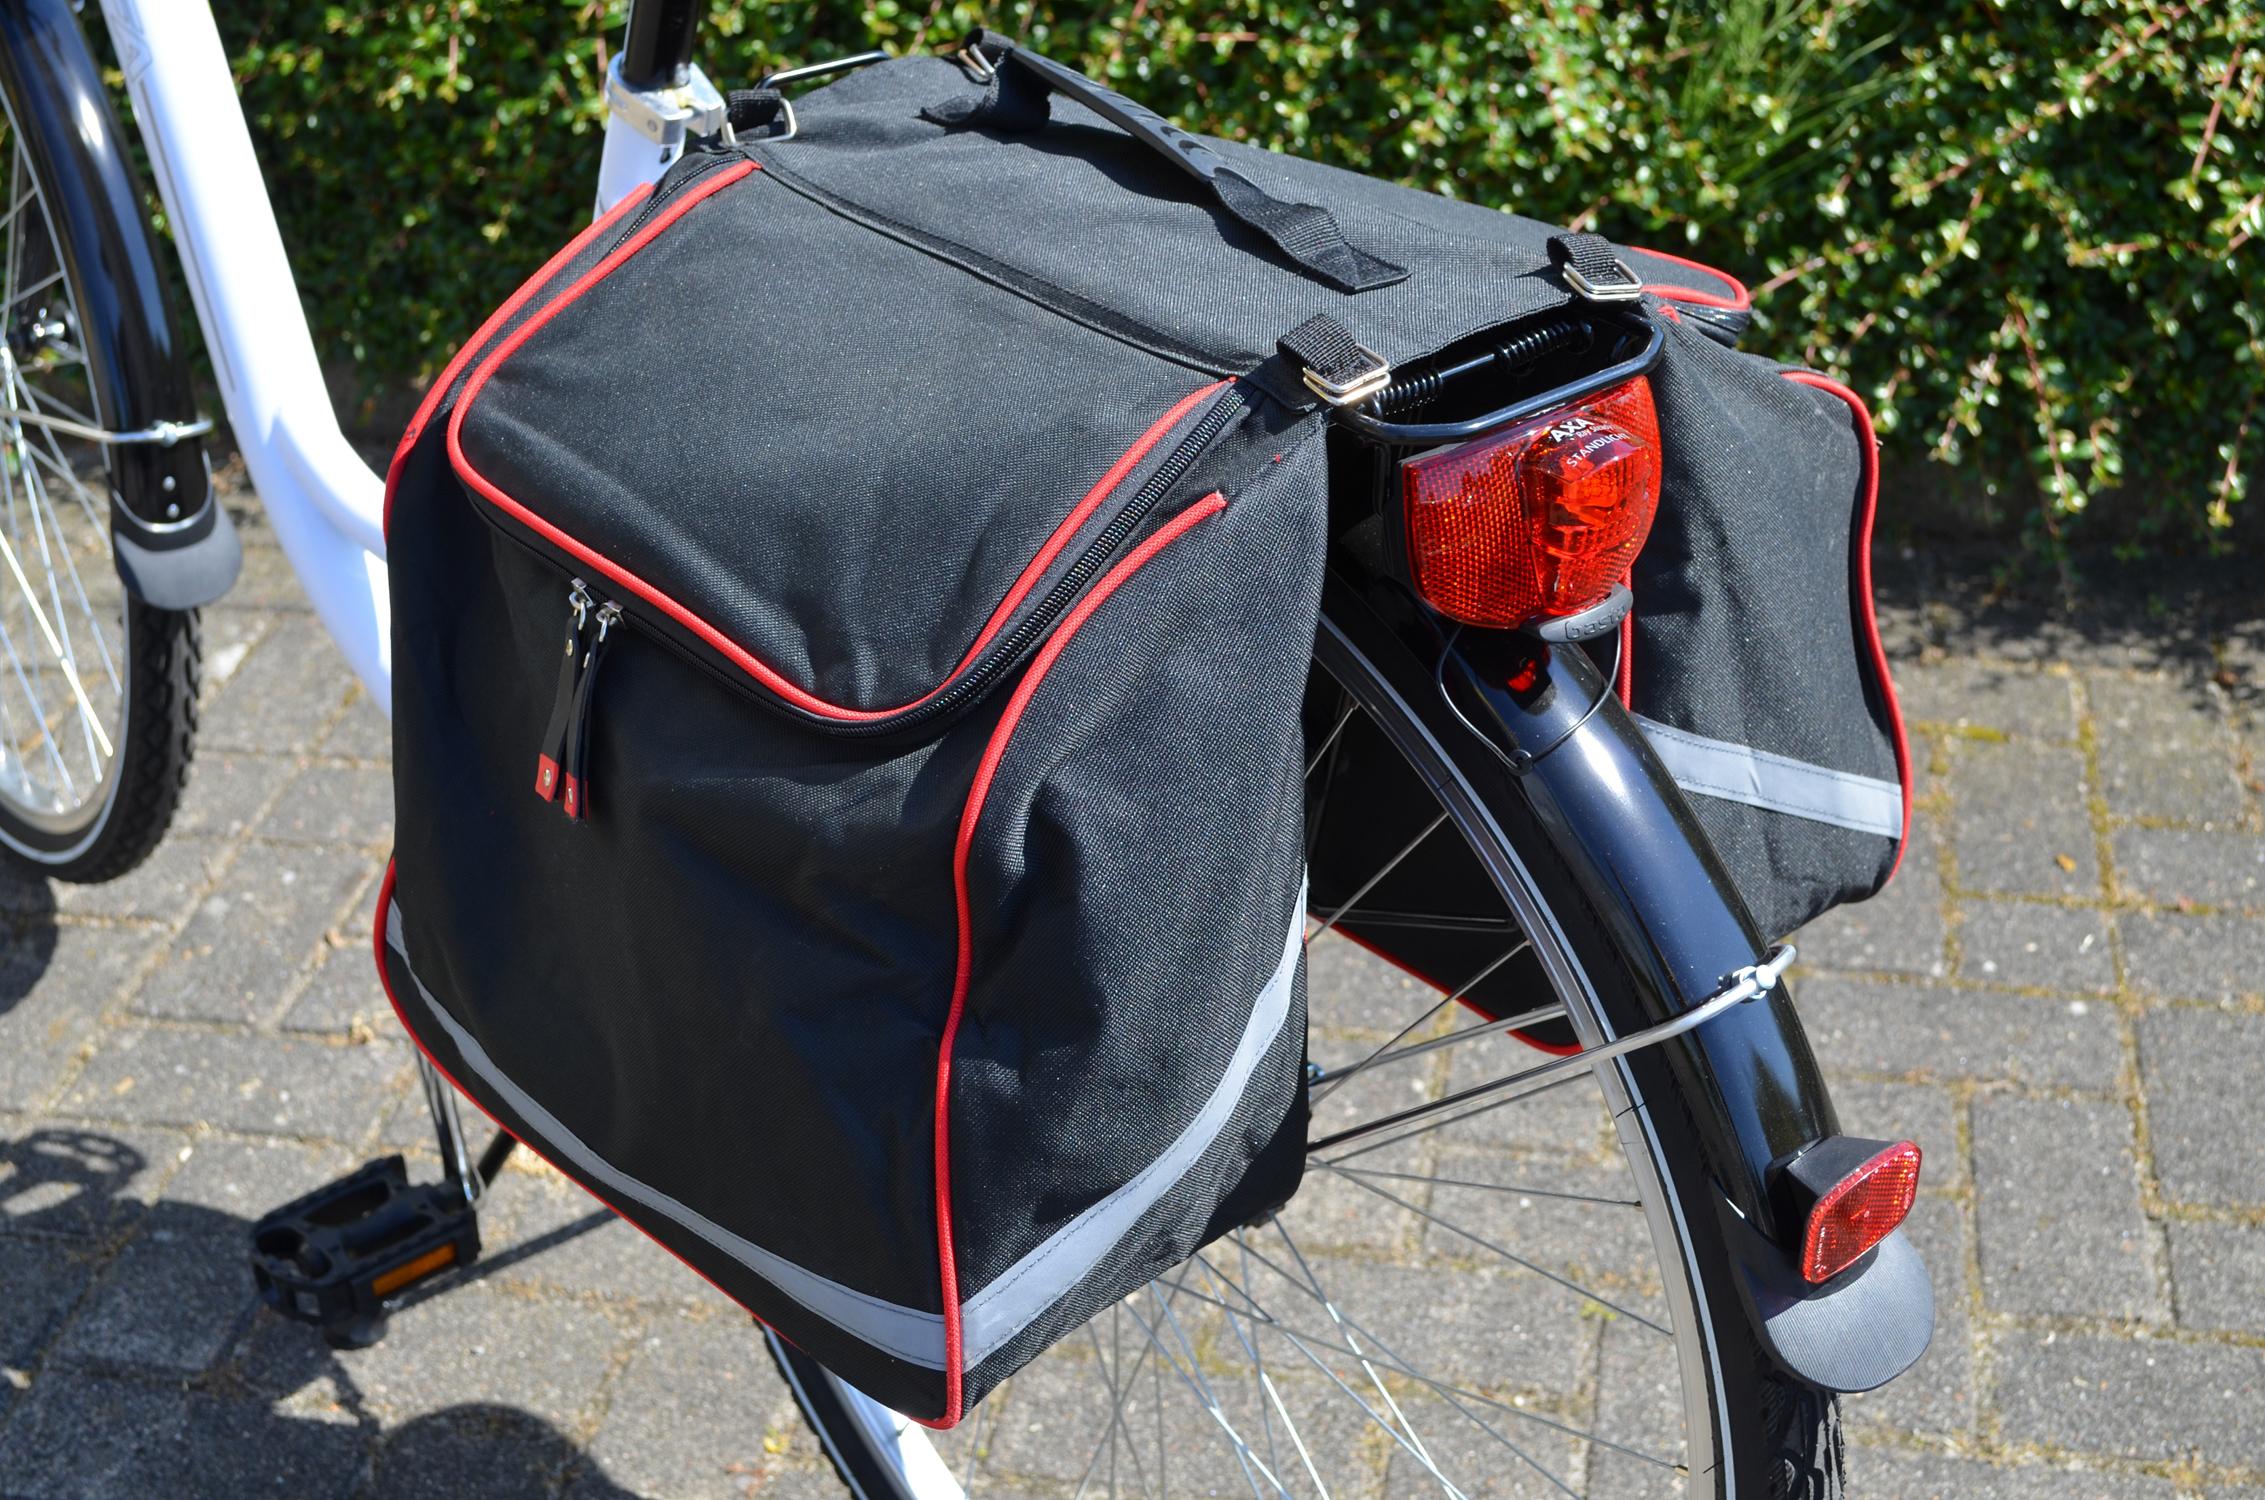 Fahrradtaschen Befestigung Ohne Gepäckträger